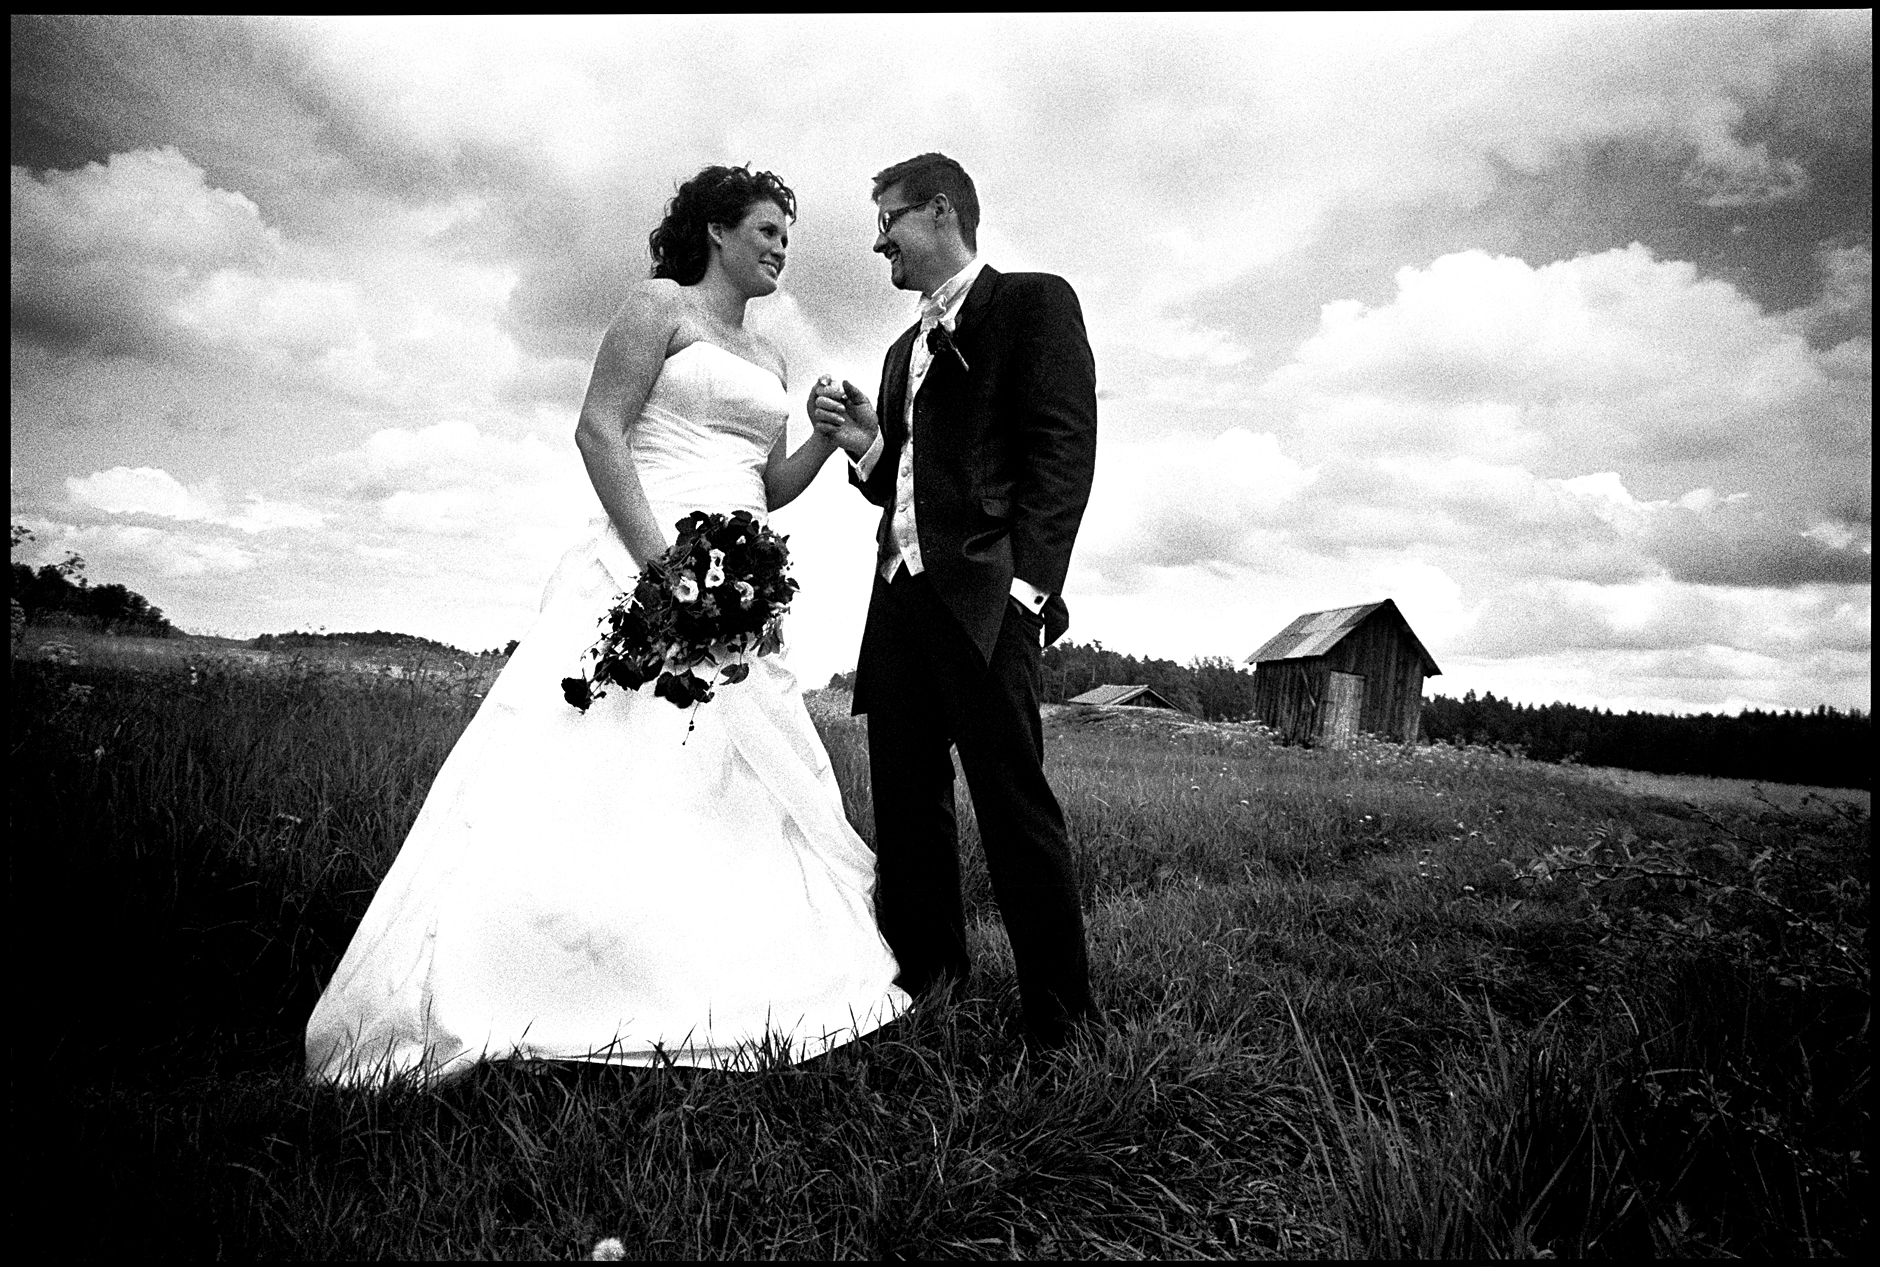 Wedding Photography, Analog style